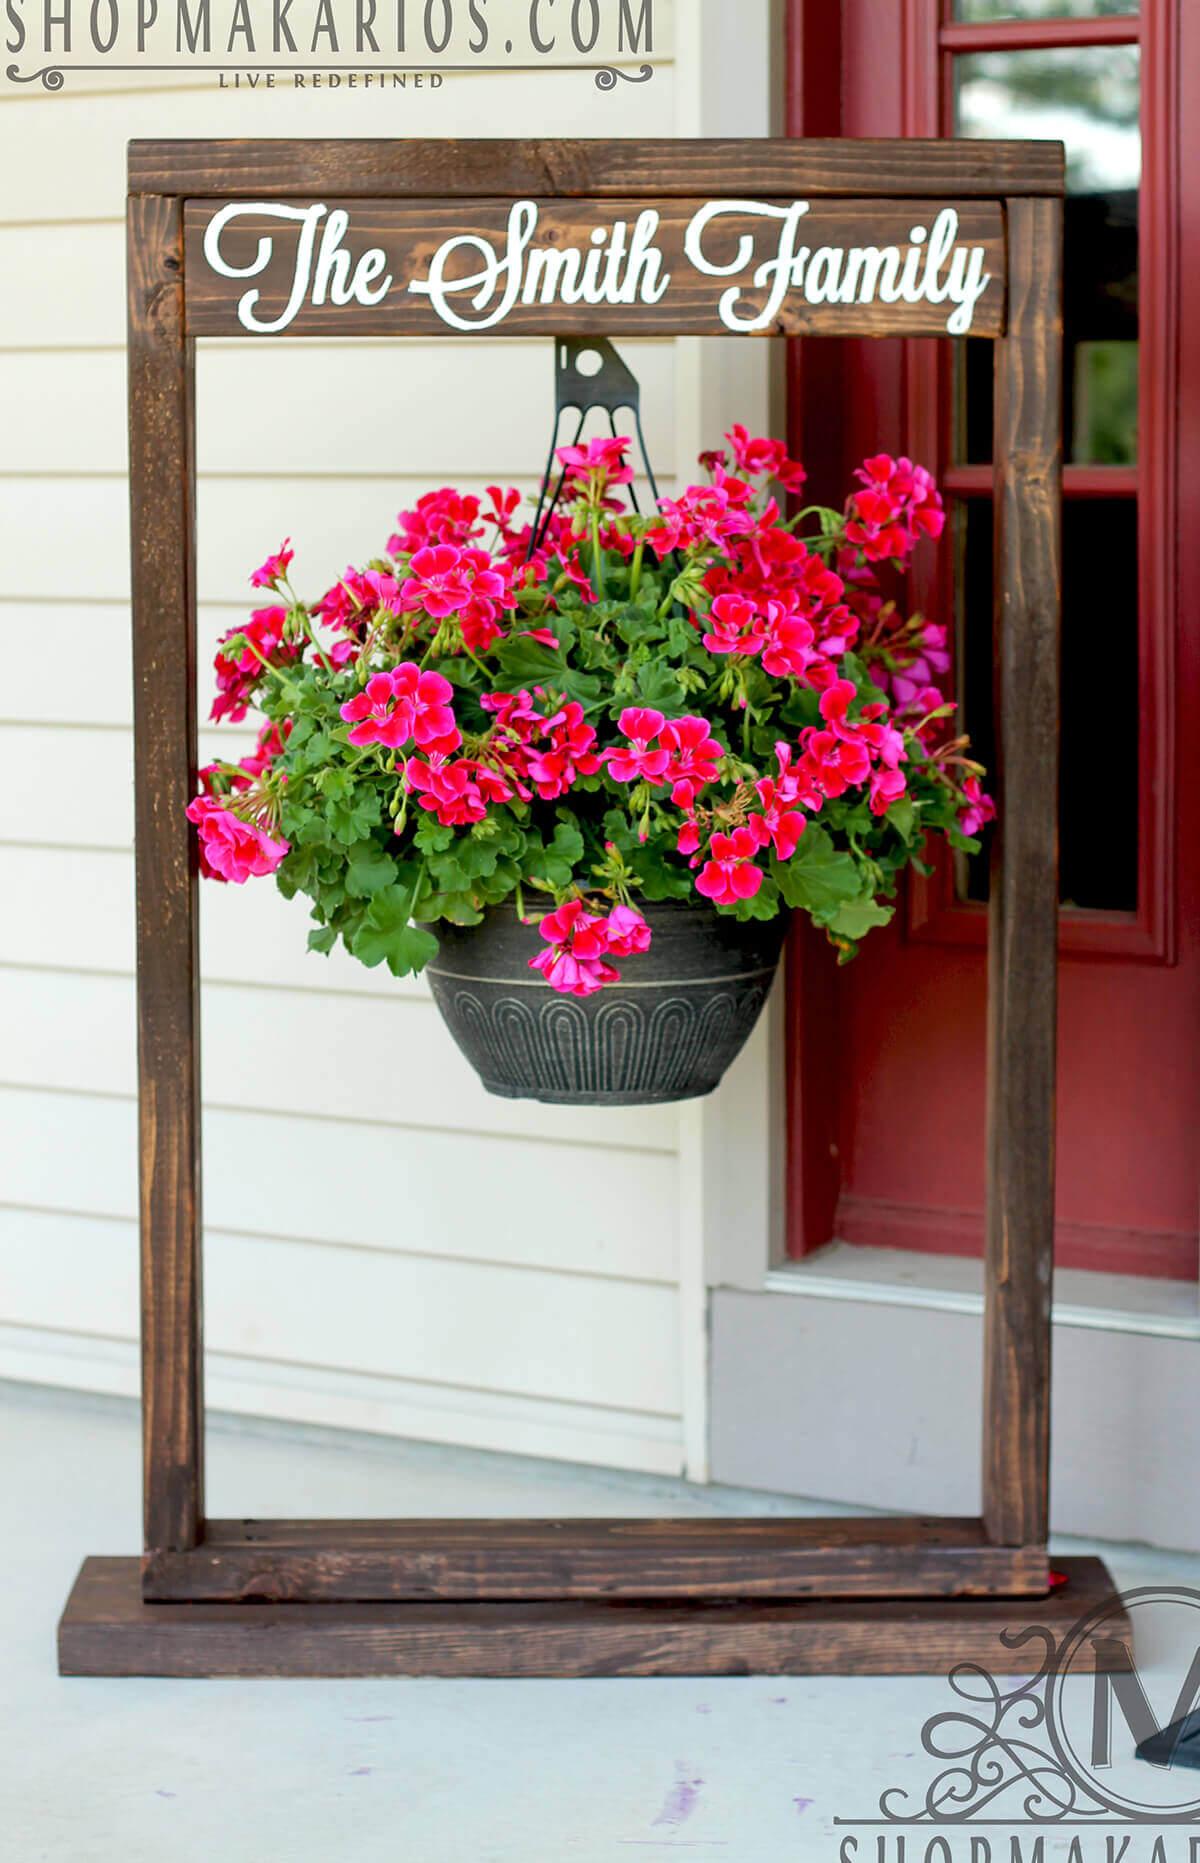 Piante sospese per decorare il giardino